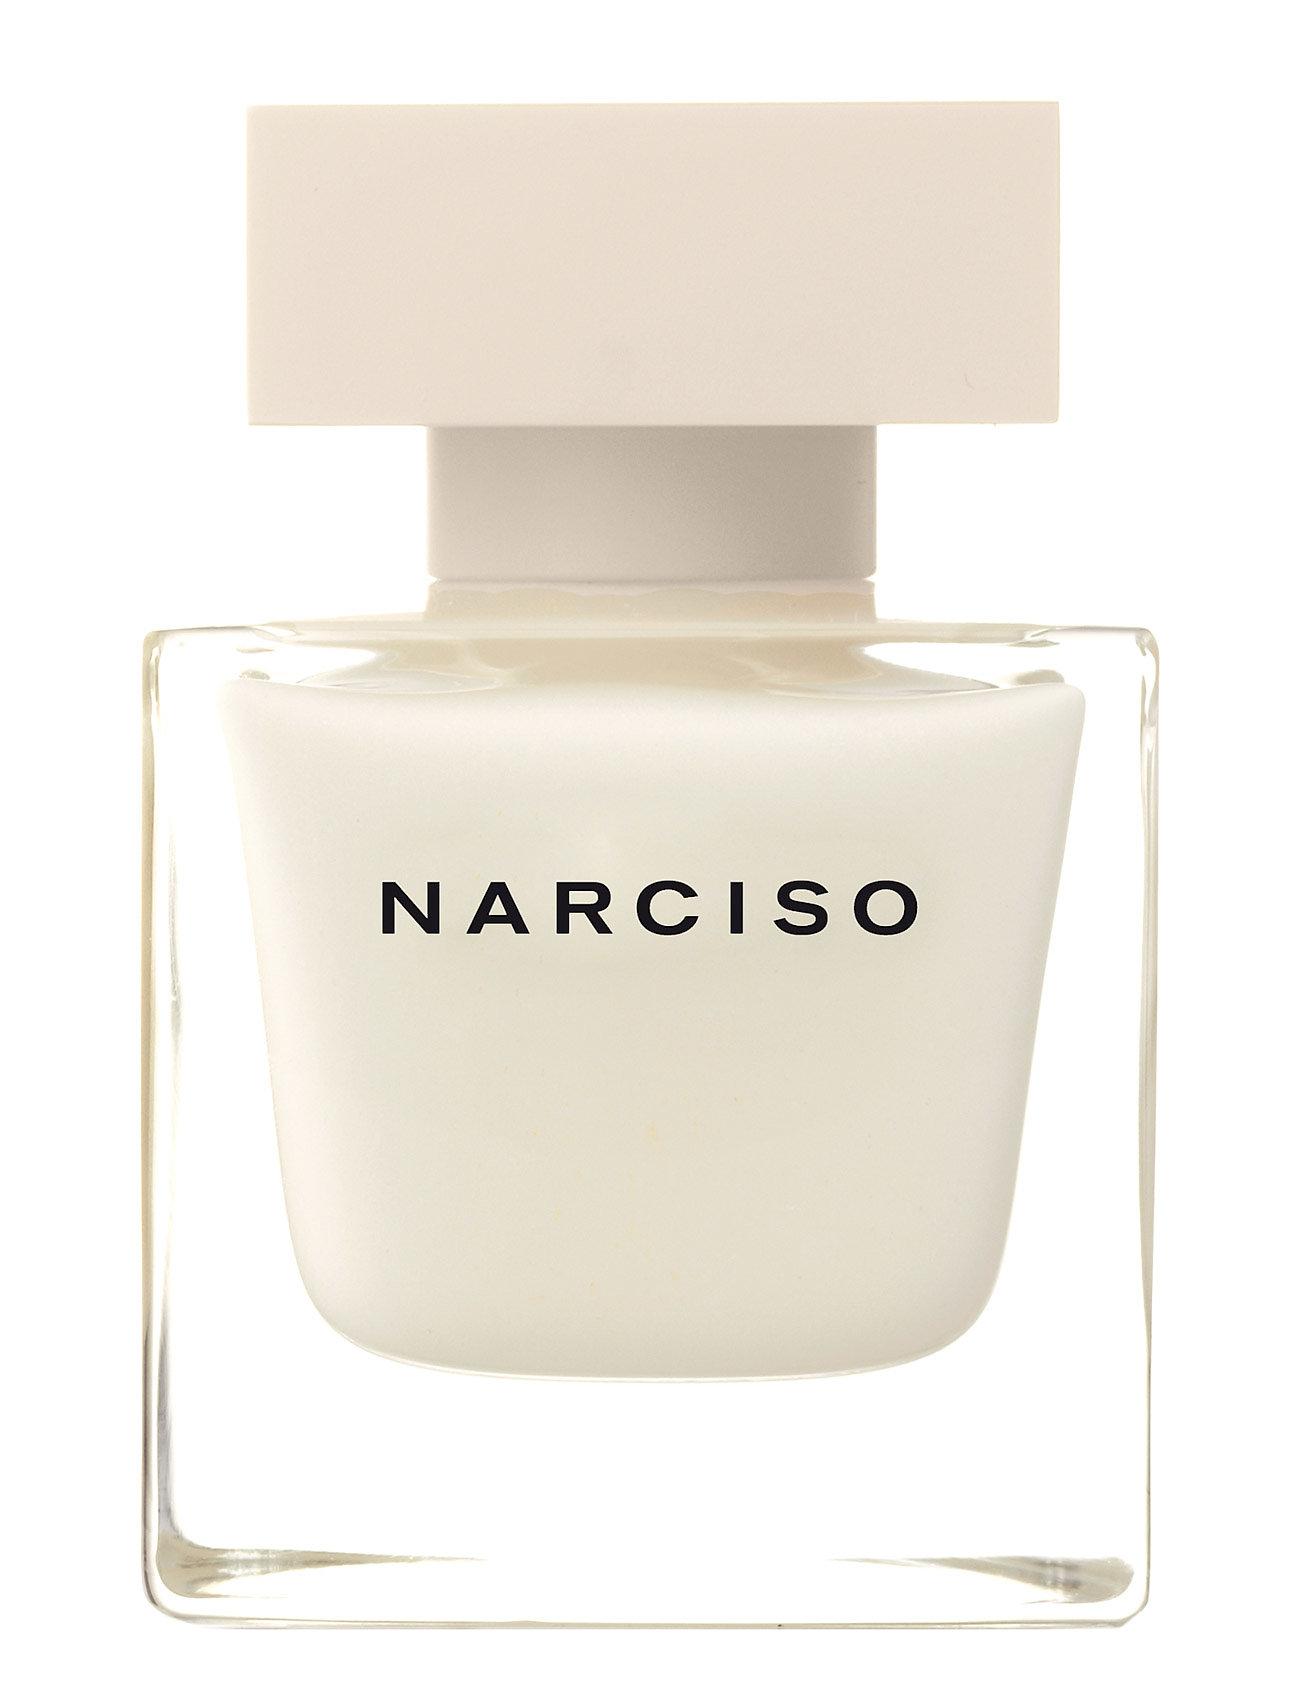 narciso rodriguez – Narciso rodriguez narciso eau de pa på boozt.com dk